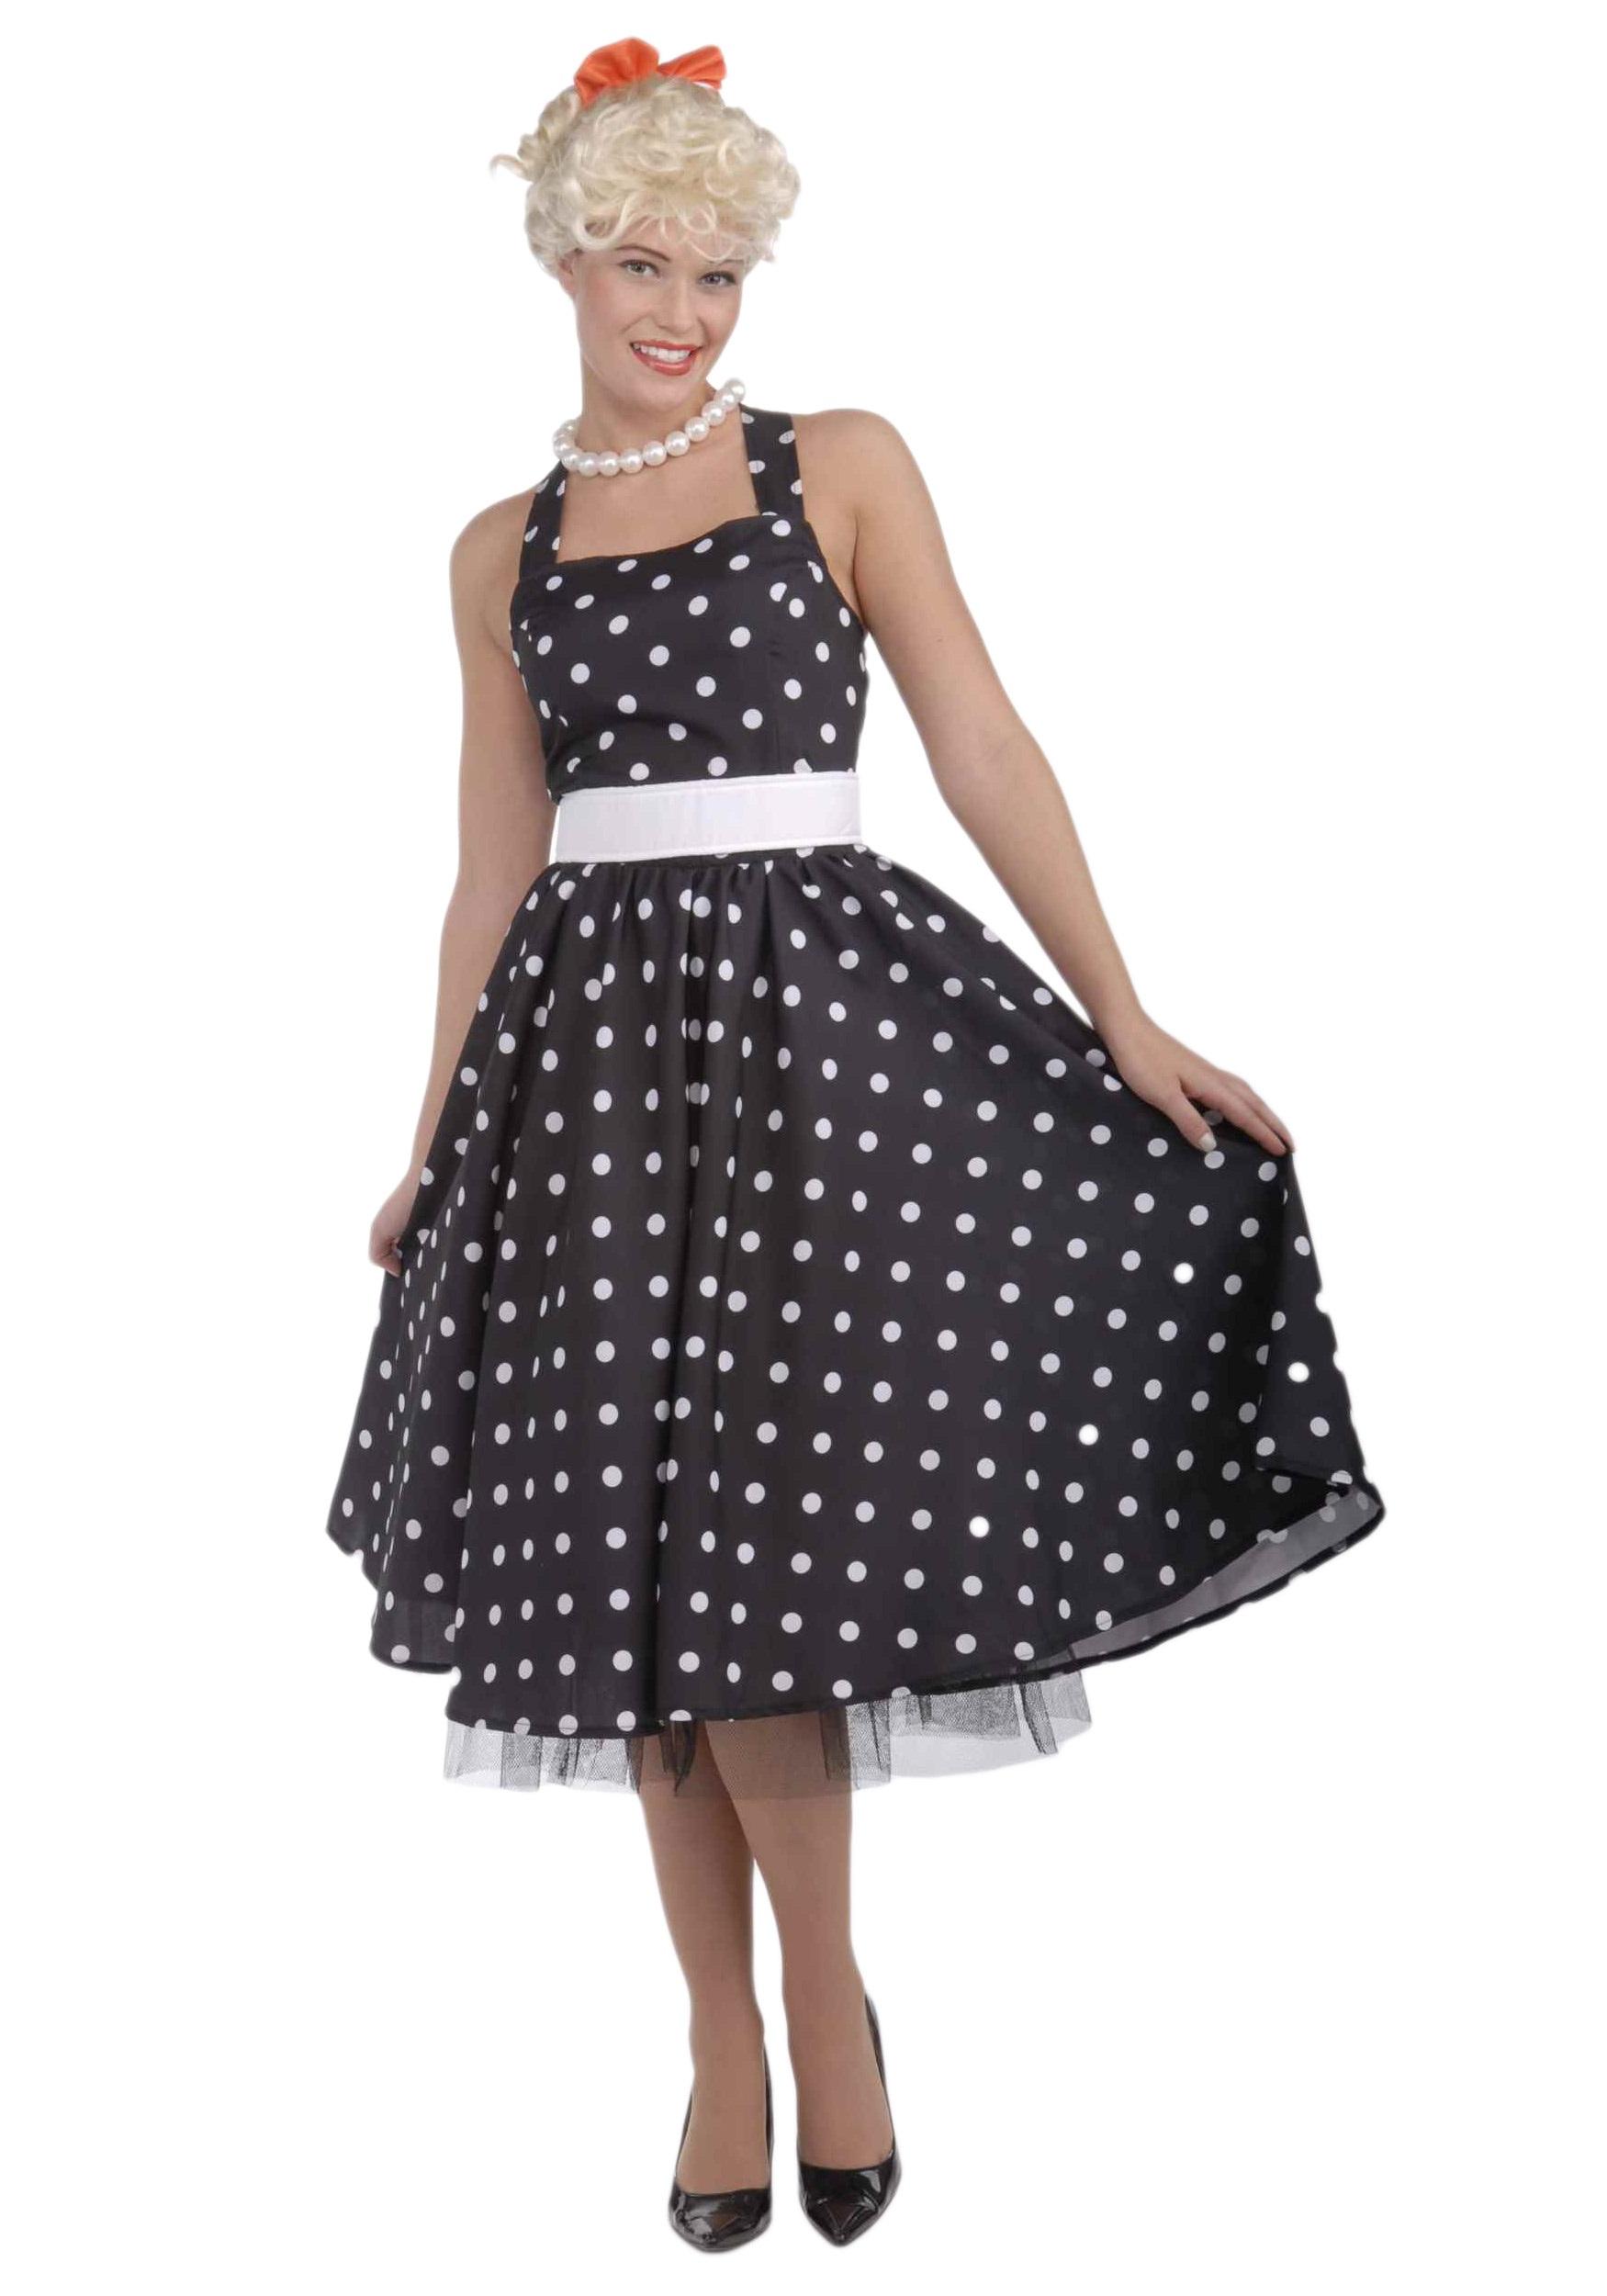 Black and White 50u0027s Polka Dot Dress  sc 1 st  Halloween Costumes & Black and White 50u0027s Polka Dot Dress - Halloween Costumes